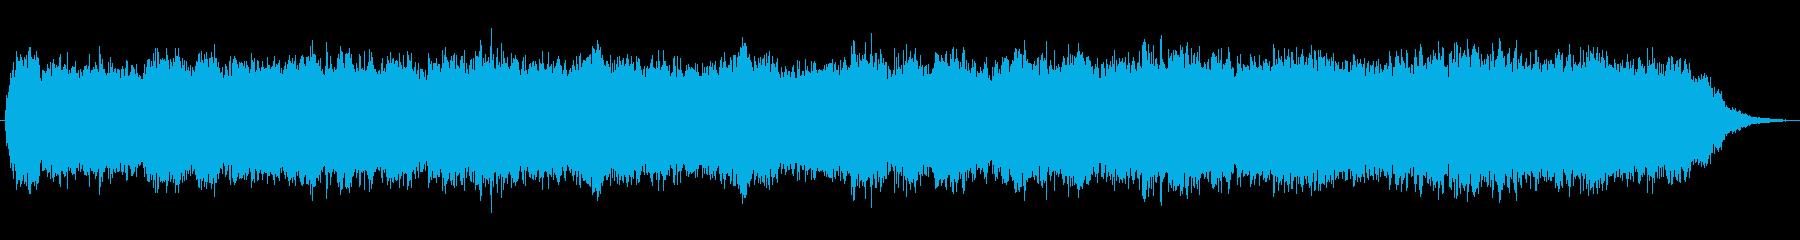 大人な雰囲気を醸し出すアンビエントBGMの再生済みの波形